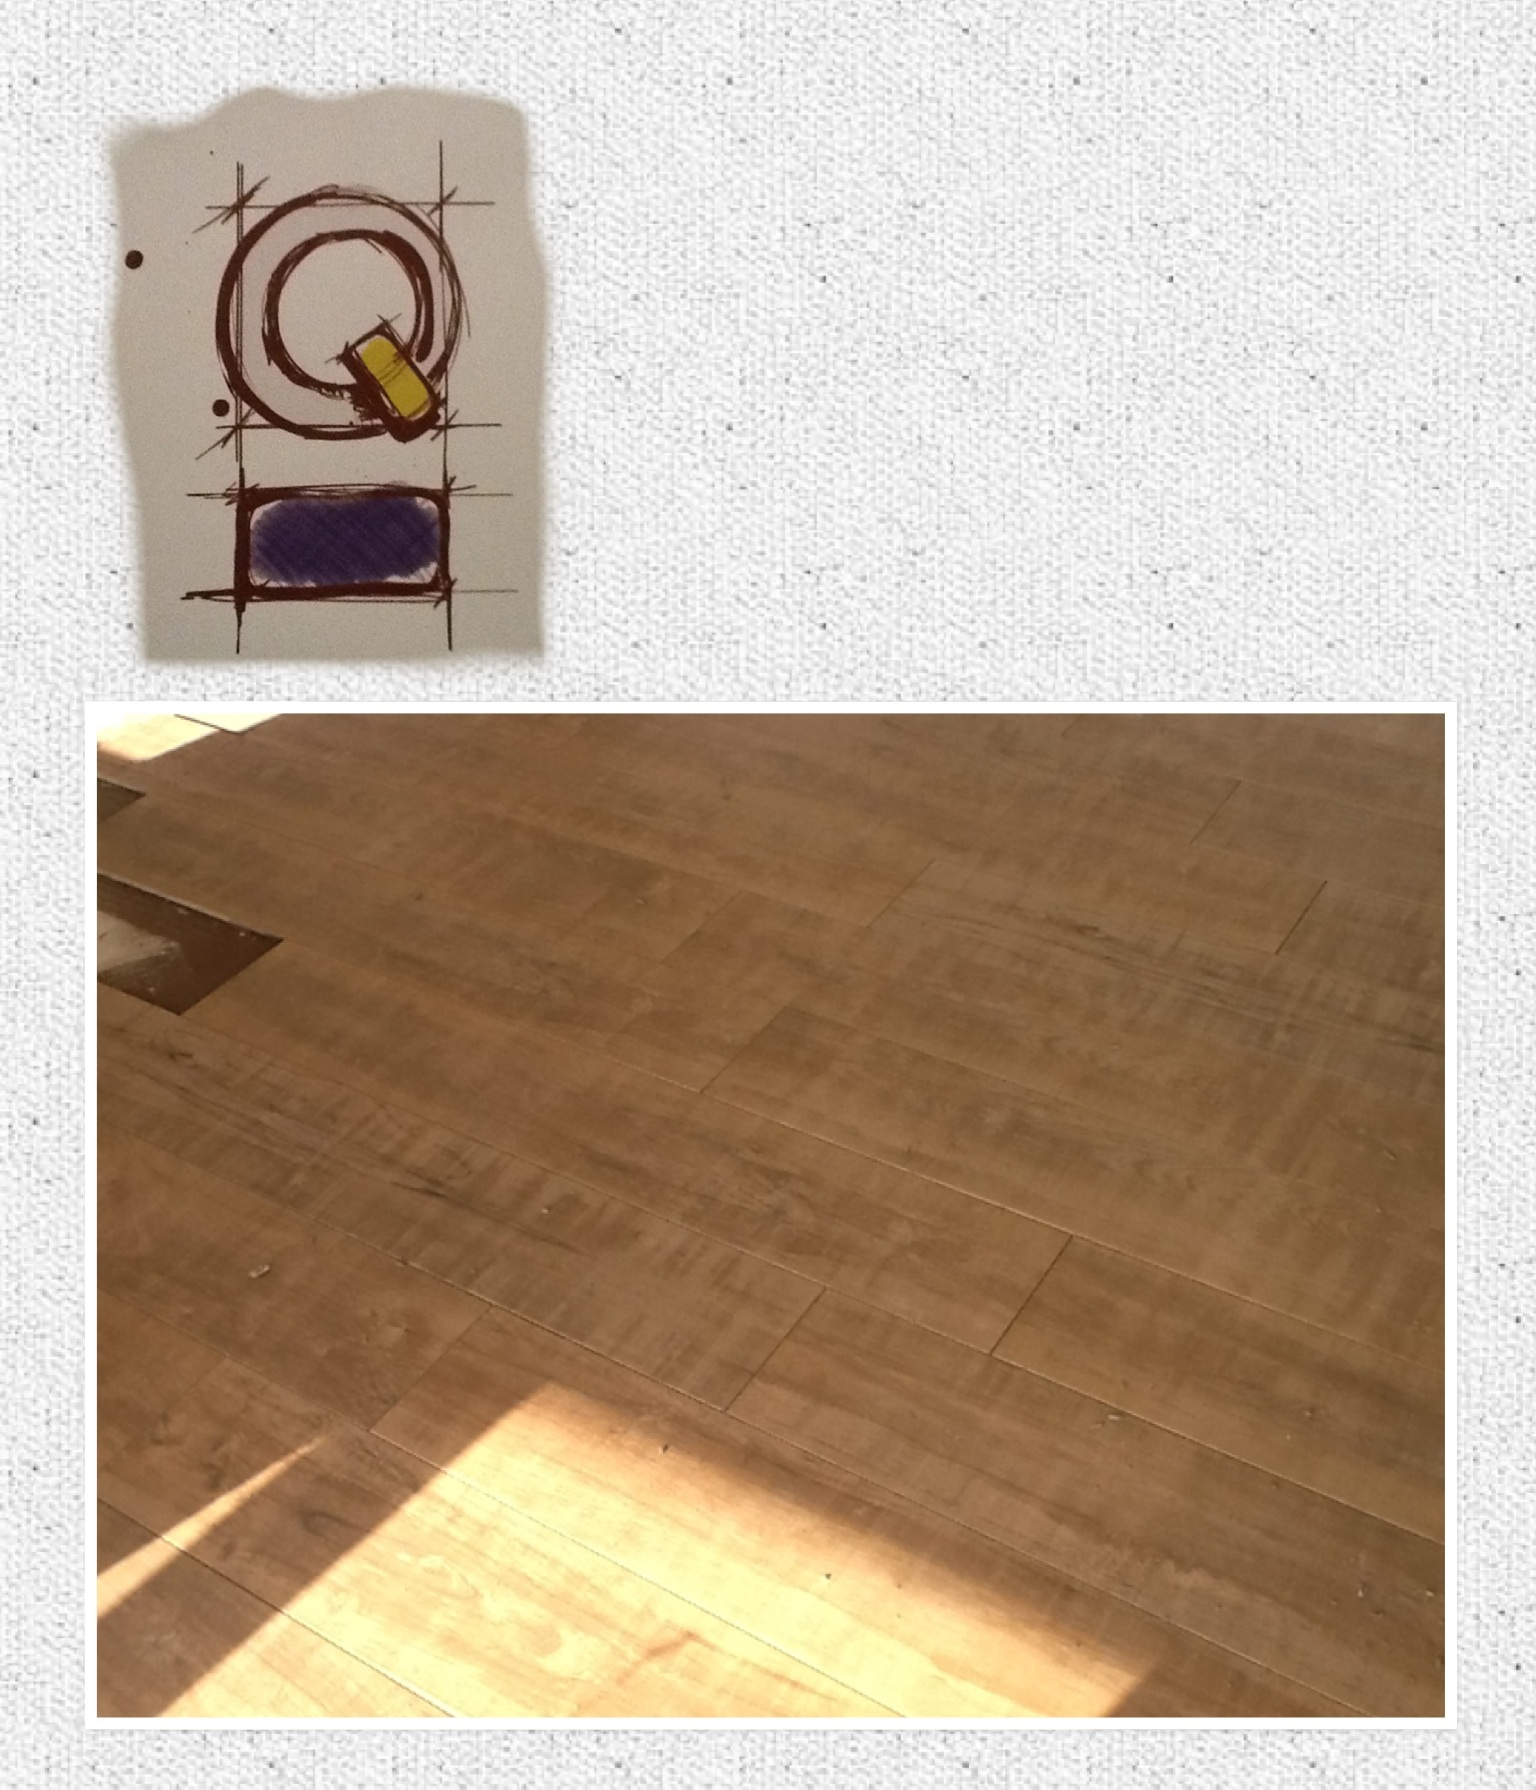 Dia lindo, instalando piso novo :)